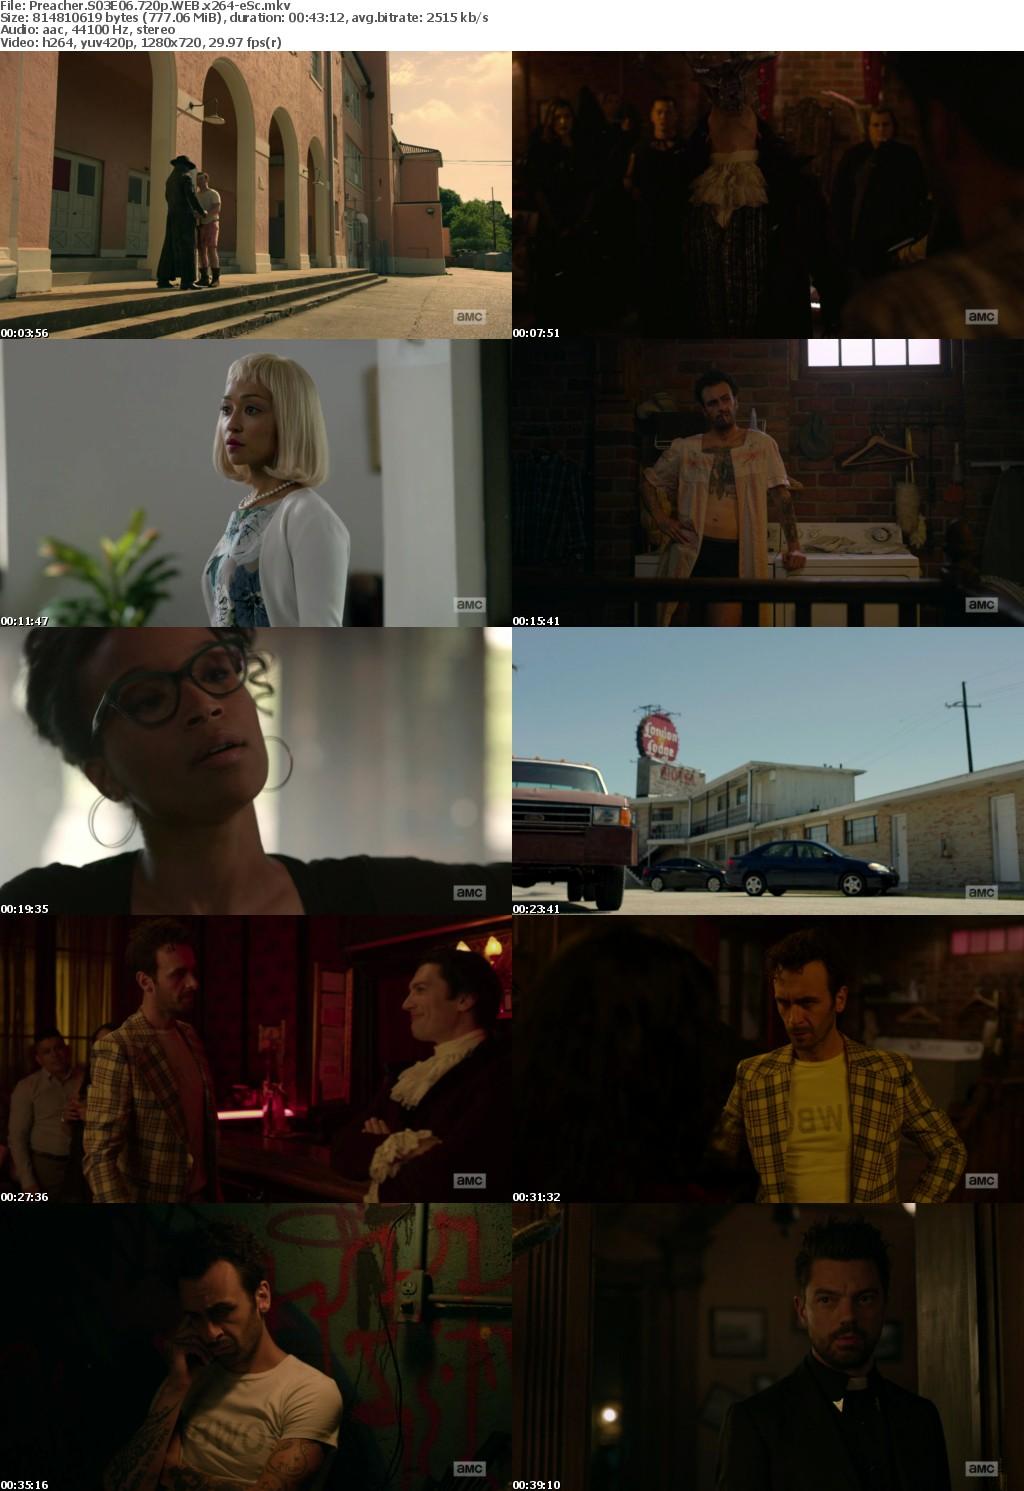 Preacher S03E06 720p WEB x264-eSc